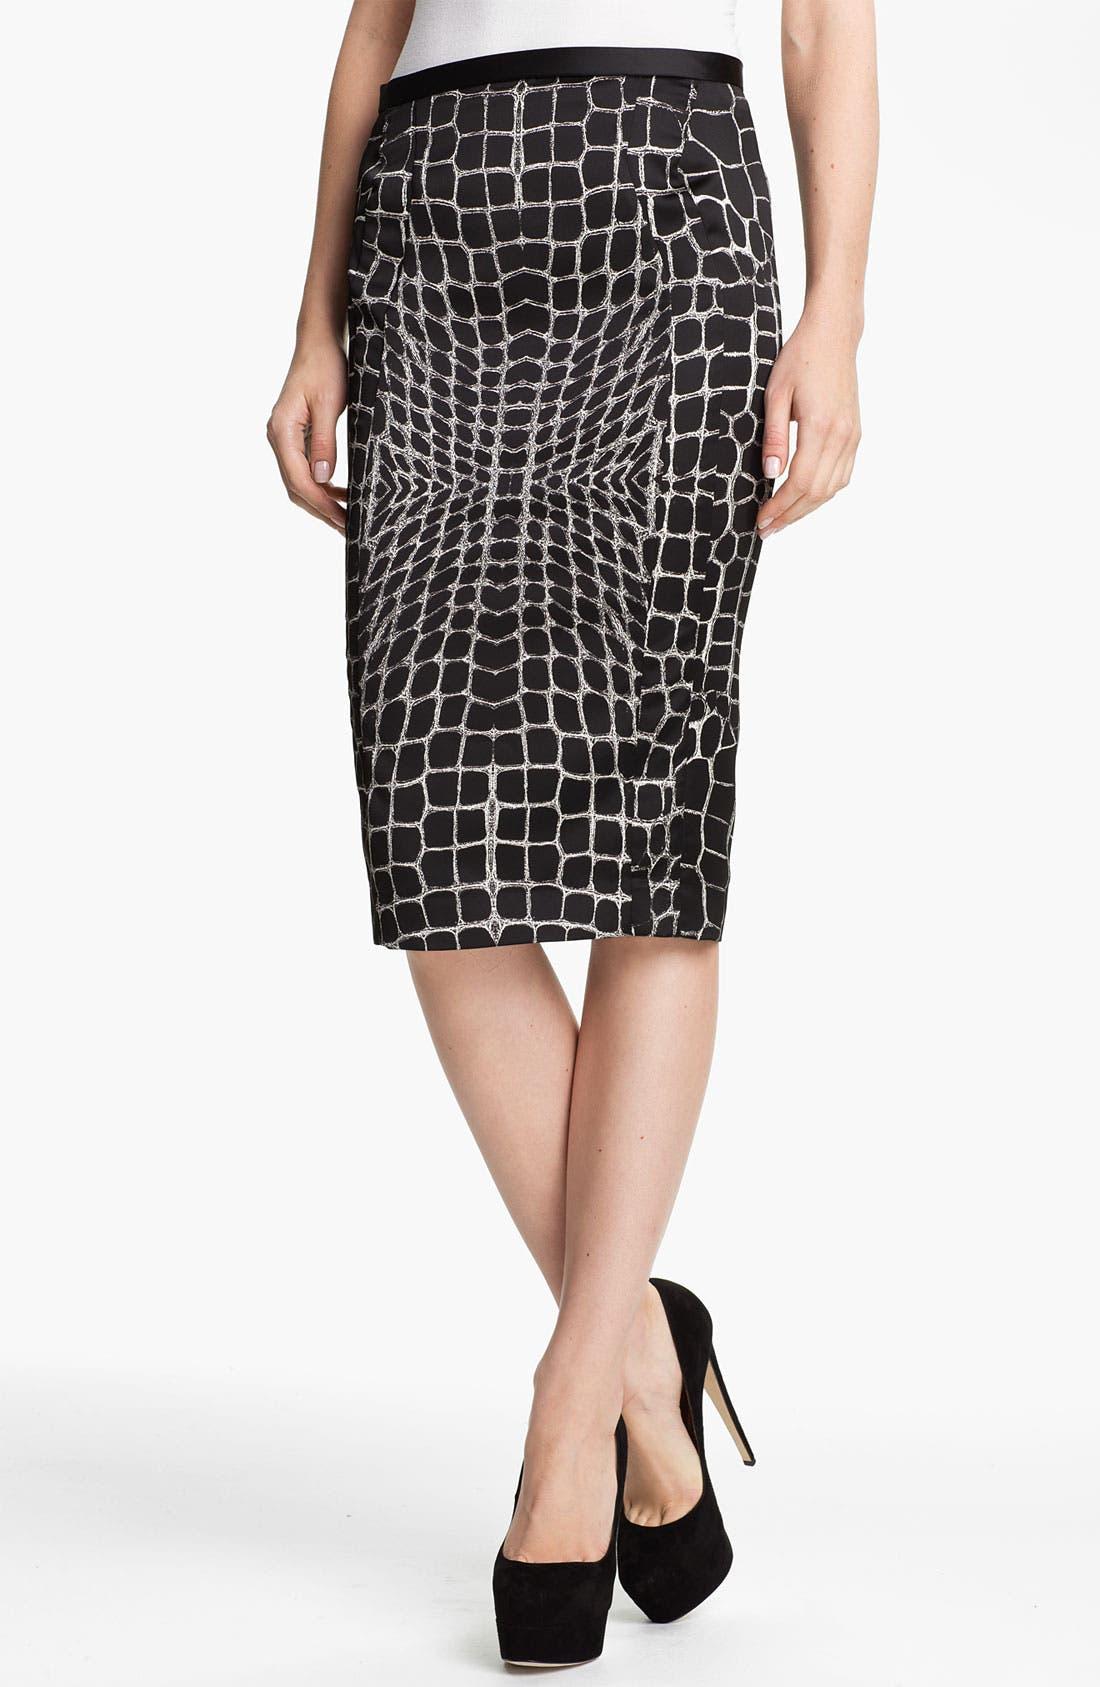 Alternate Image 1 Selected - Just Cavalli Alligator Print Pencil Skirt